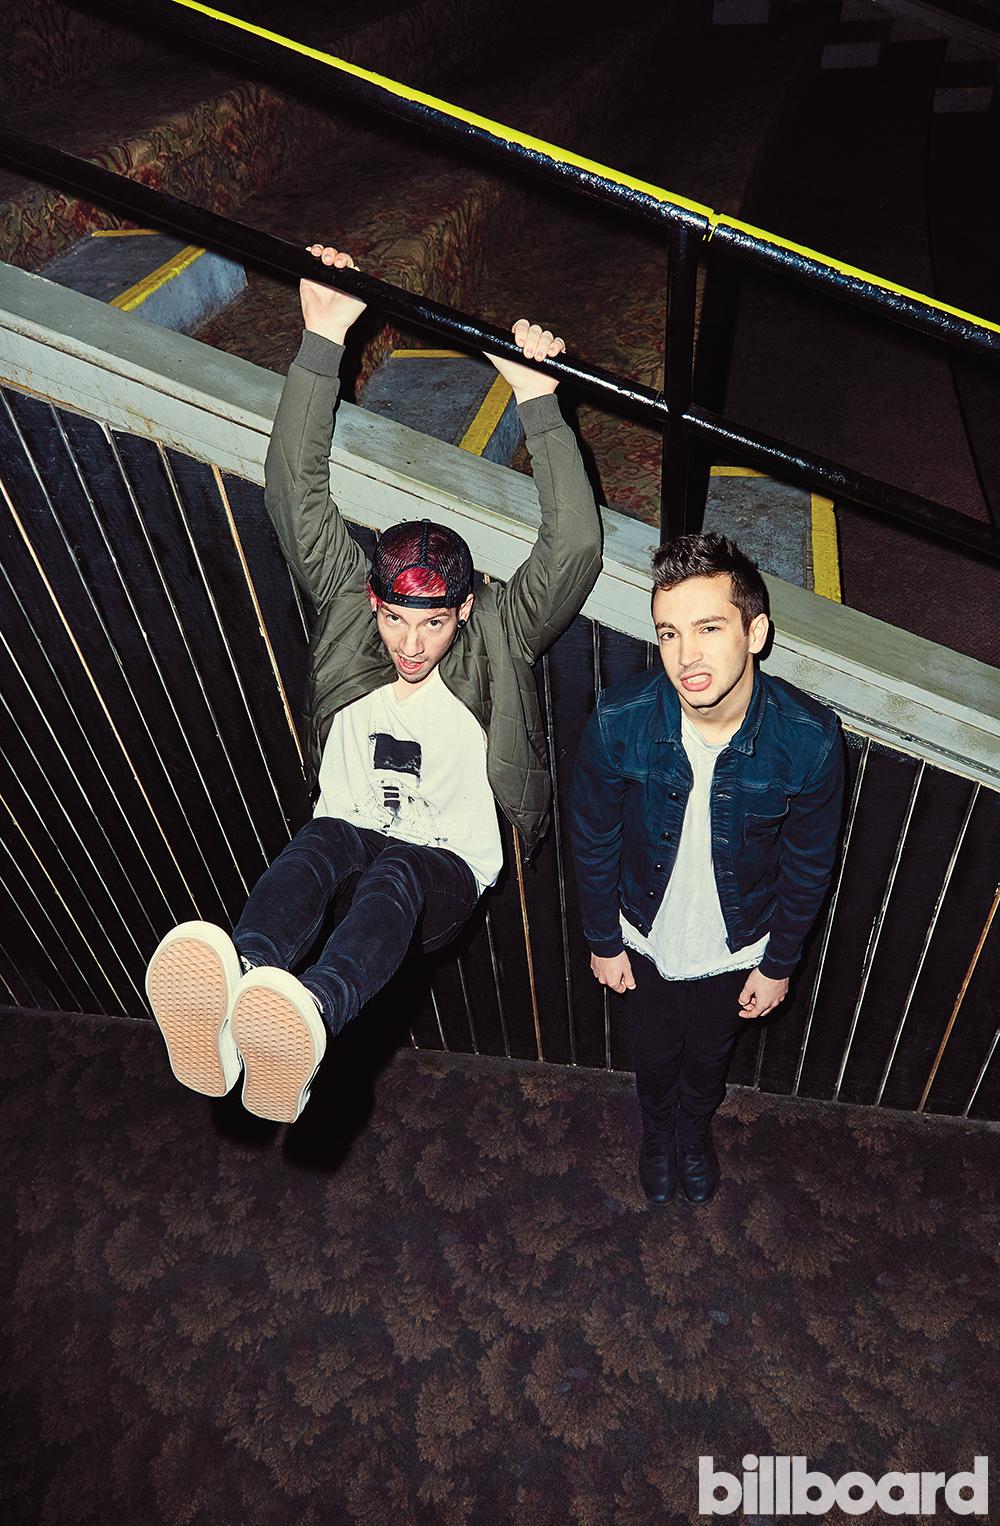 Twenty One Pilots — Фото на обложку Billboard